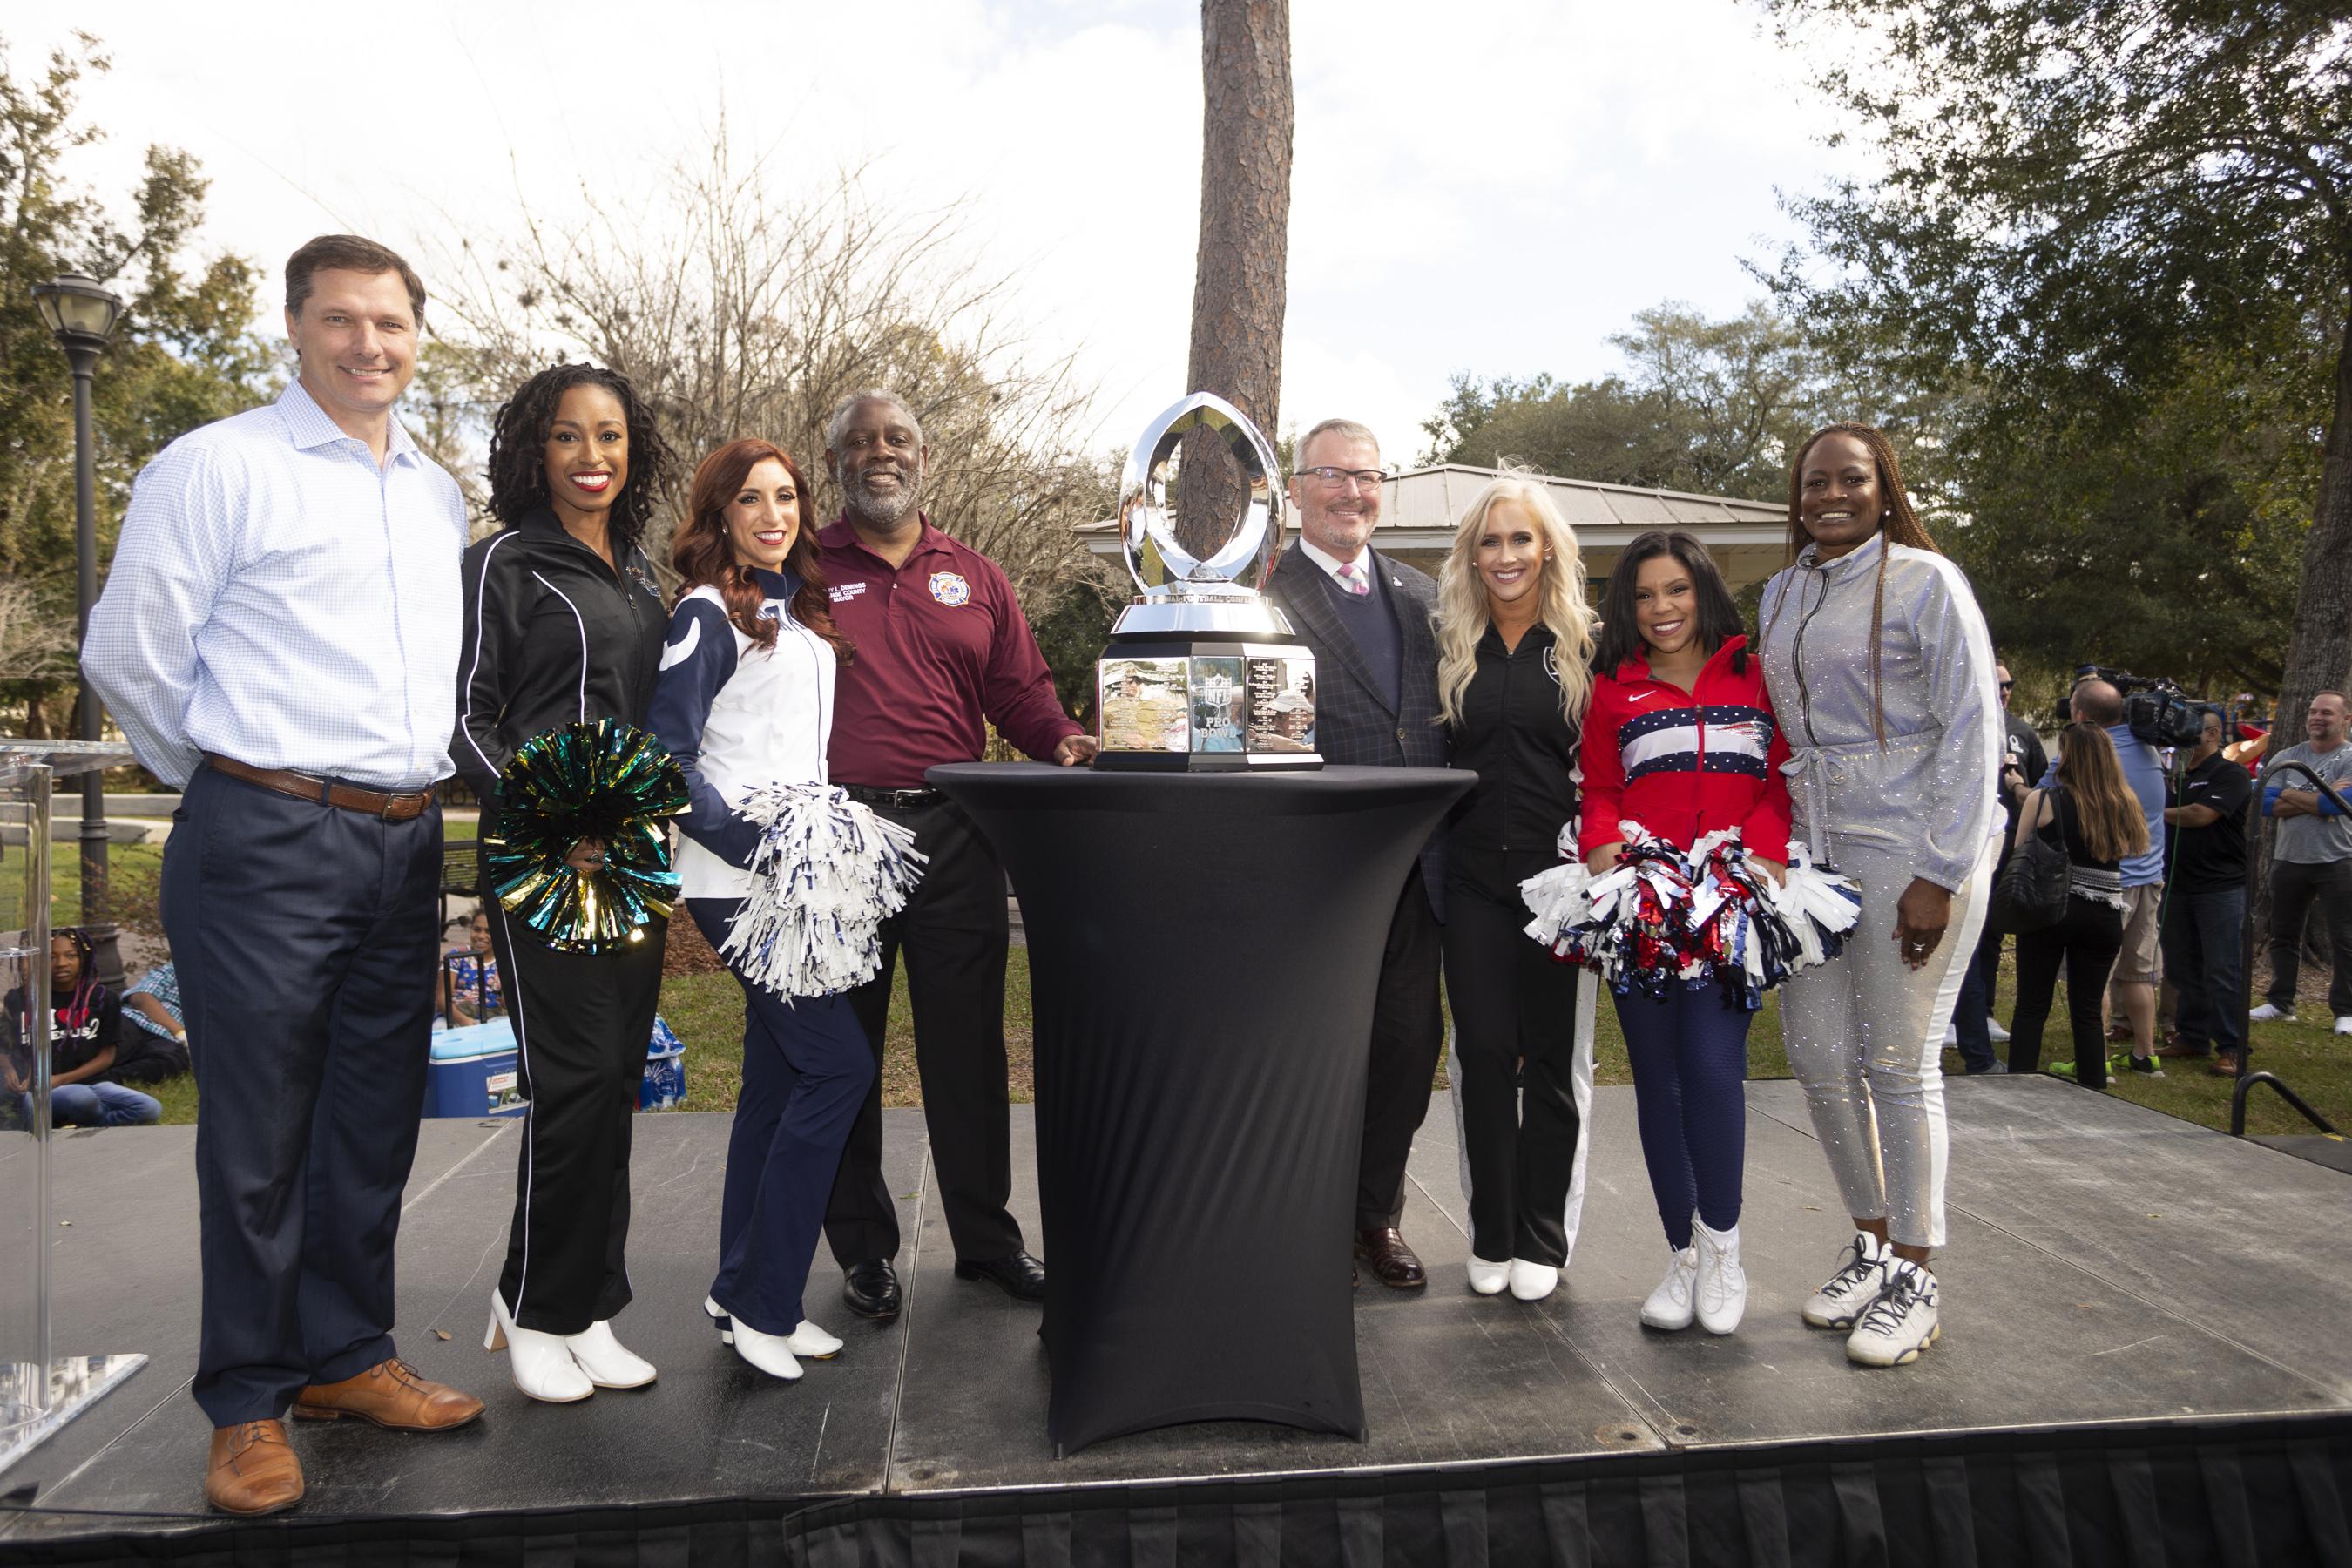 El Alcalde Demings, líderes de la comunidad y representantes de la NFL permanecen de pie en el estrado junto al trofeo del partido del Pro Bowl de la NLF 2019.